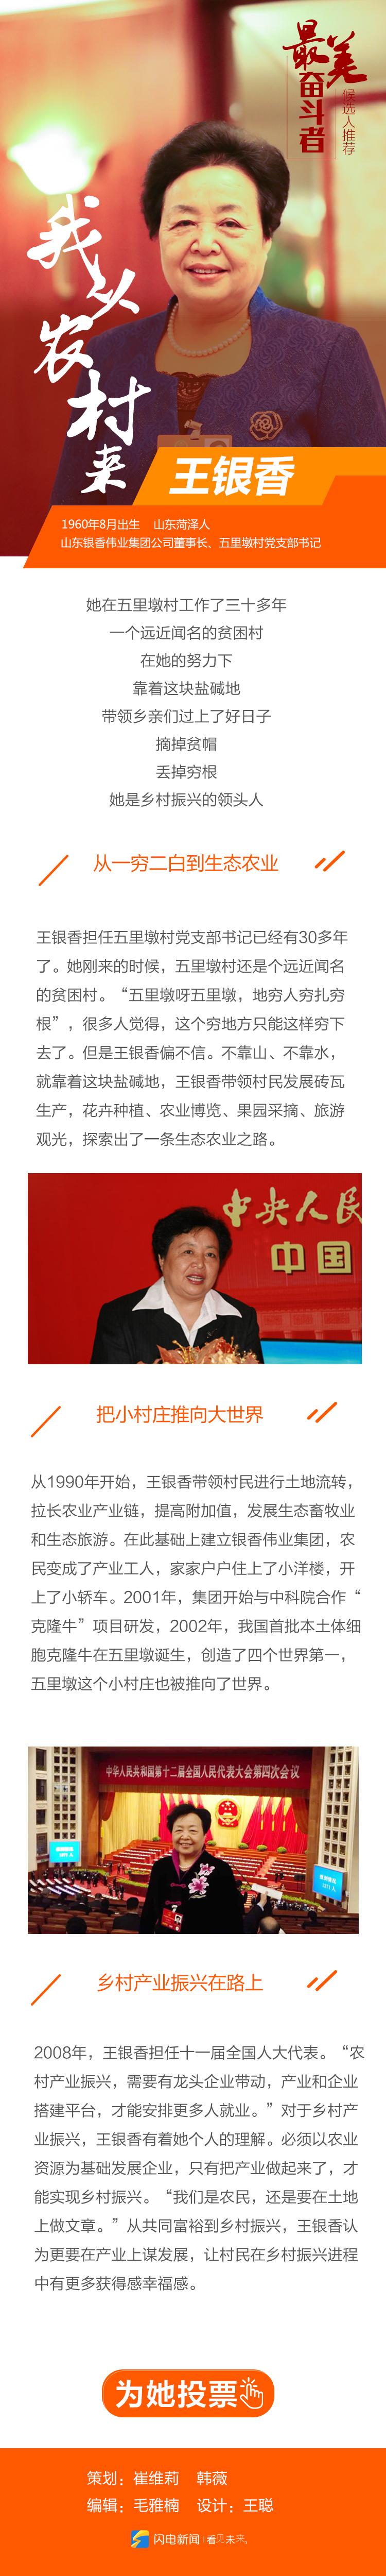 """为""""最美奋斗者""""山东候选人王银香投票"""